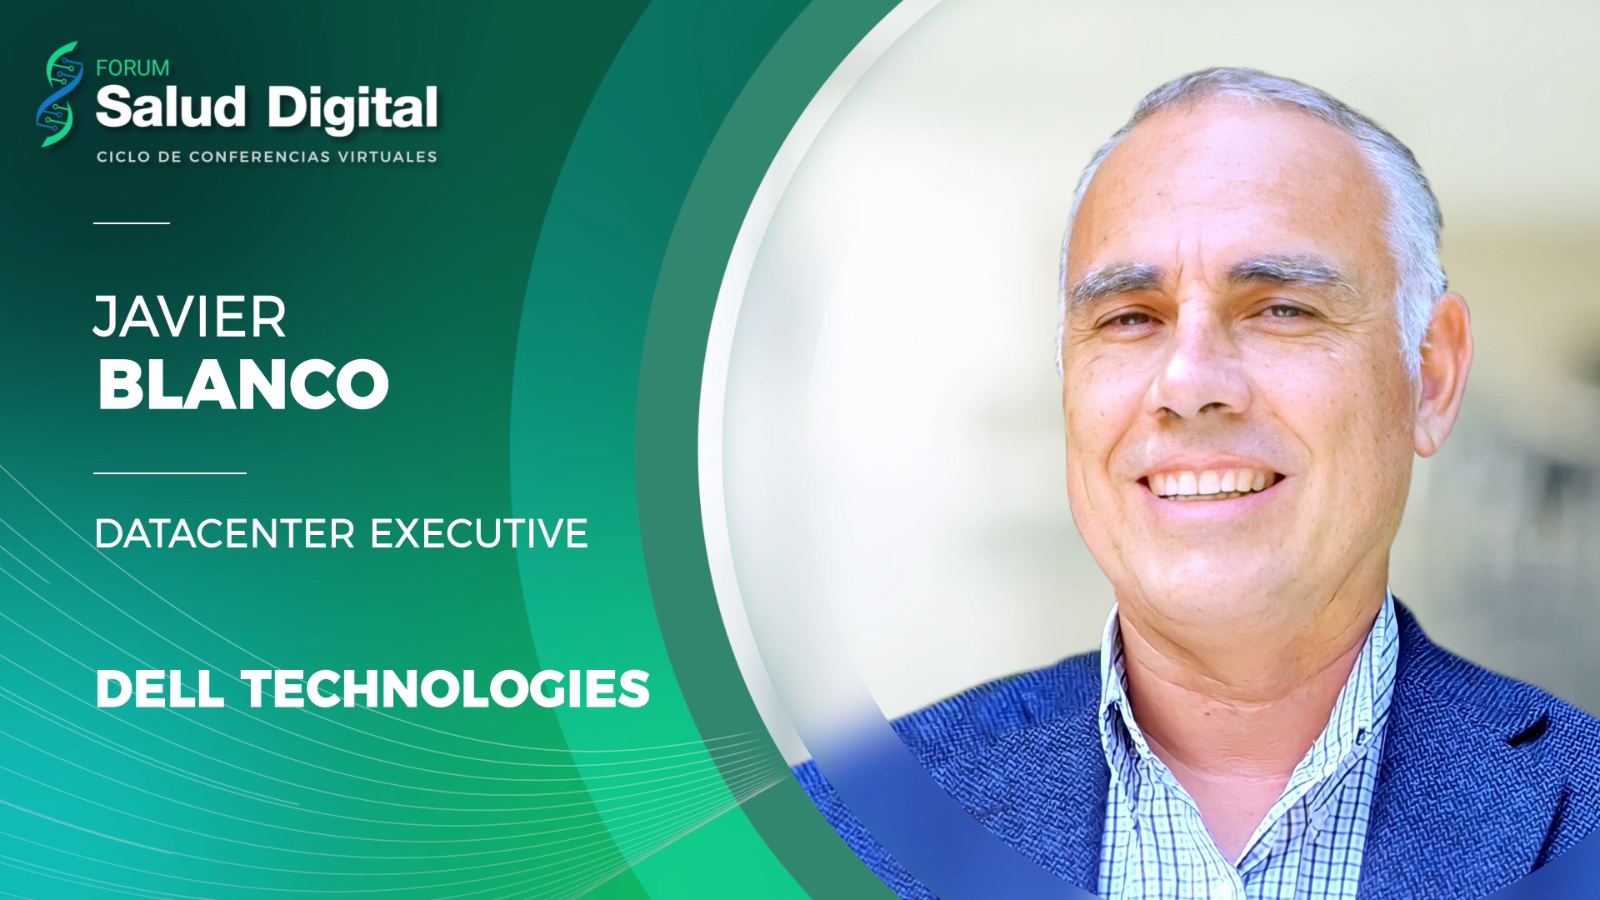 EVENTO 3.1 - Modernización tecnológica en instituciones de Salud - Javier Blanco, Datacenter Executive, Dell Technologies